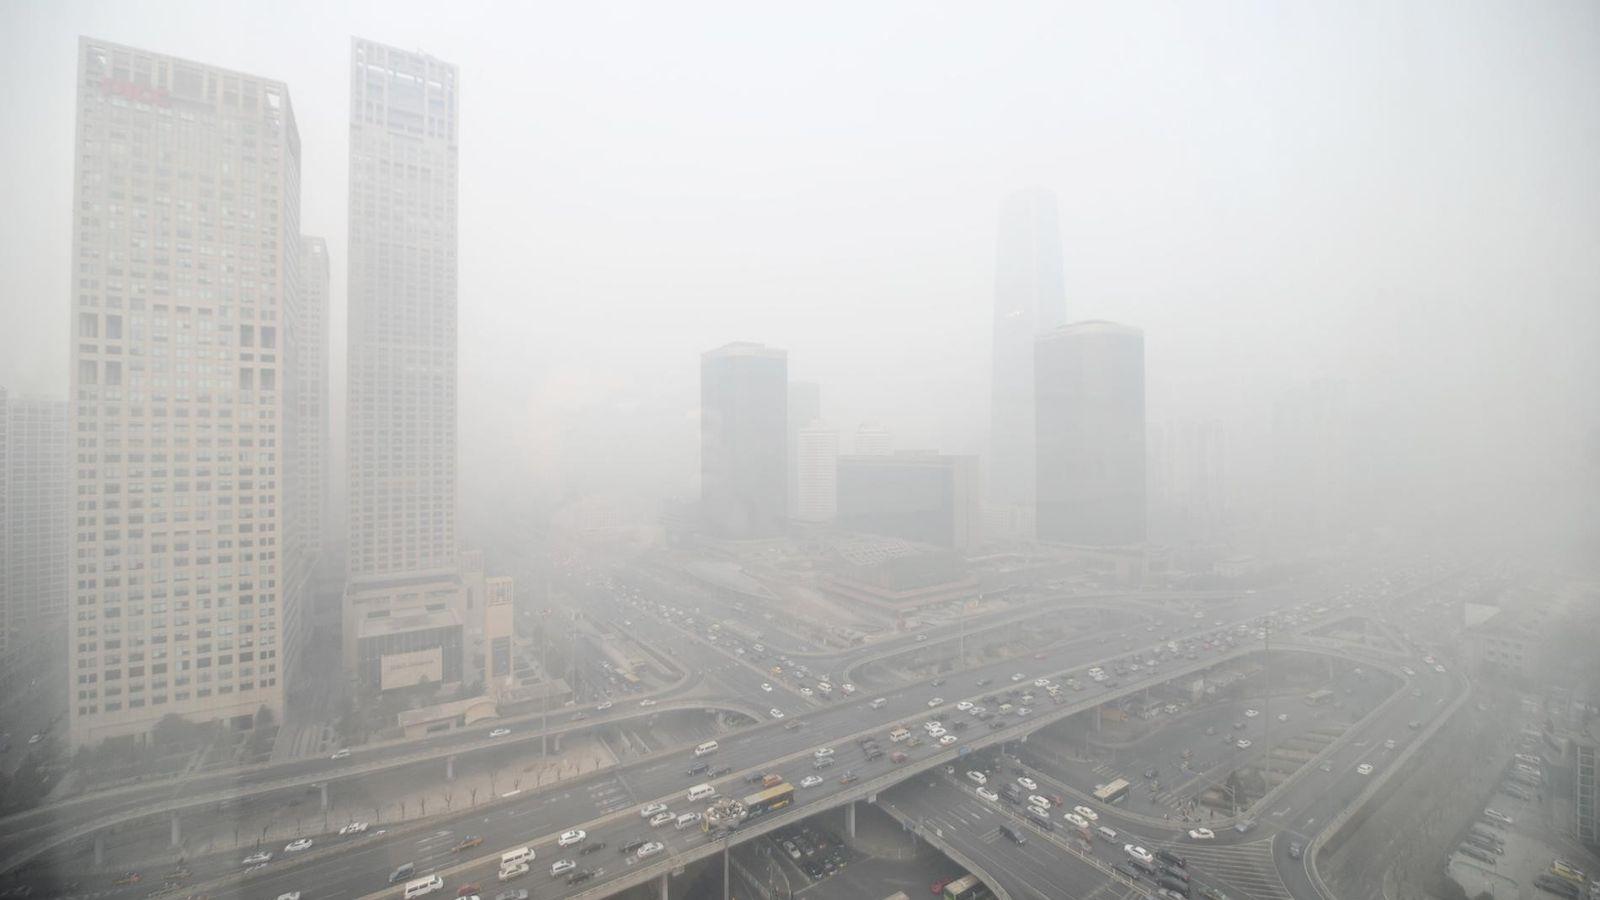 Les buildings sont enrobés d'un épais nuage à Pékin. Une nouvelle étude attribue la forte pollution ...